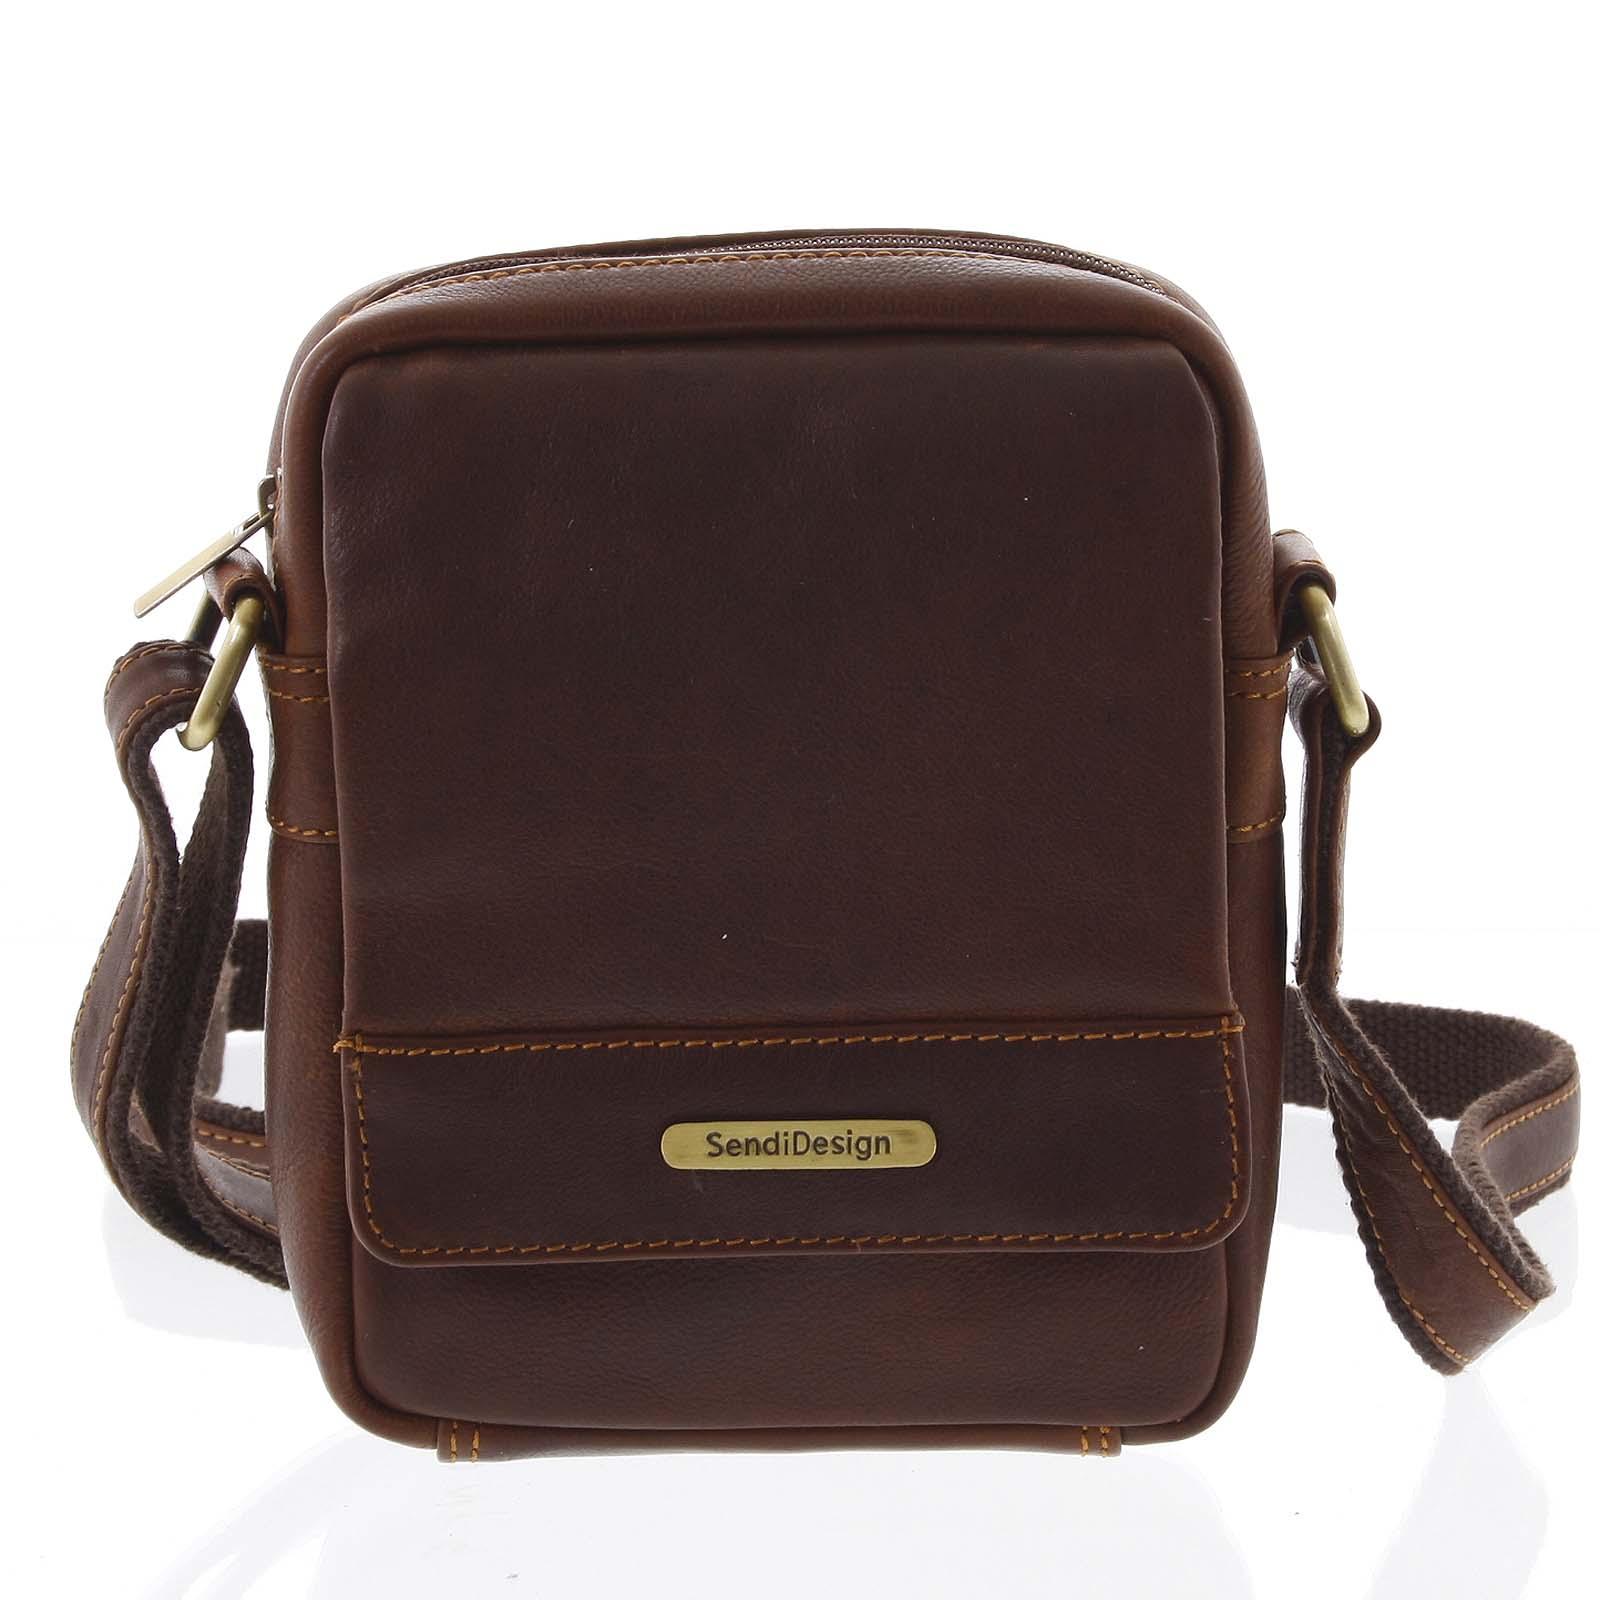 Hnedá luxusná pánska kožená crossbody taška - SendiDesign Khalil hnedá